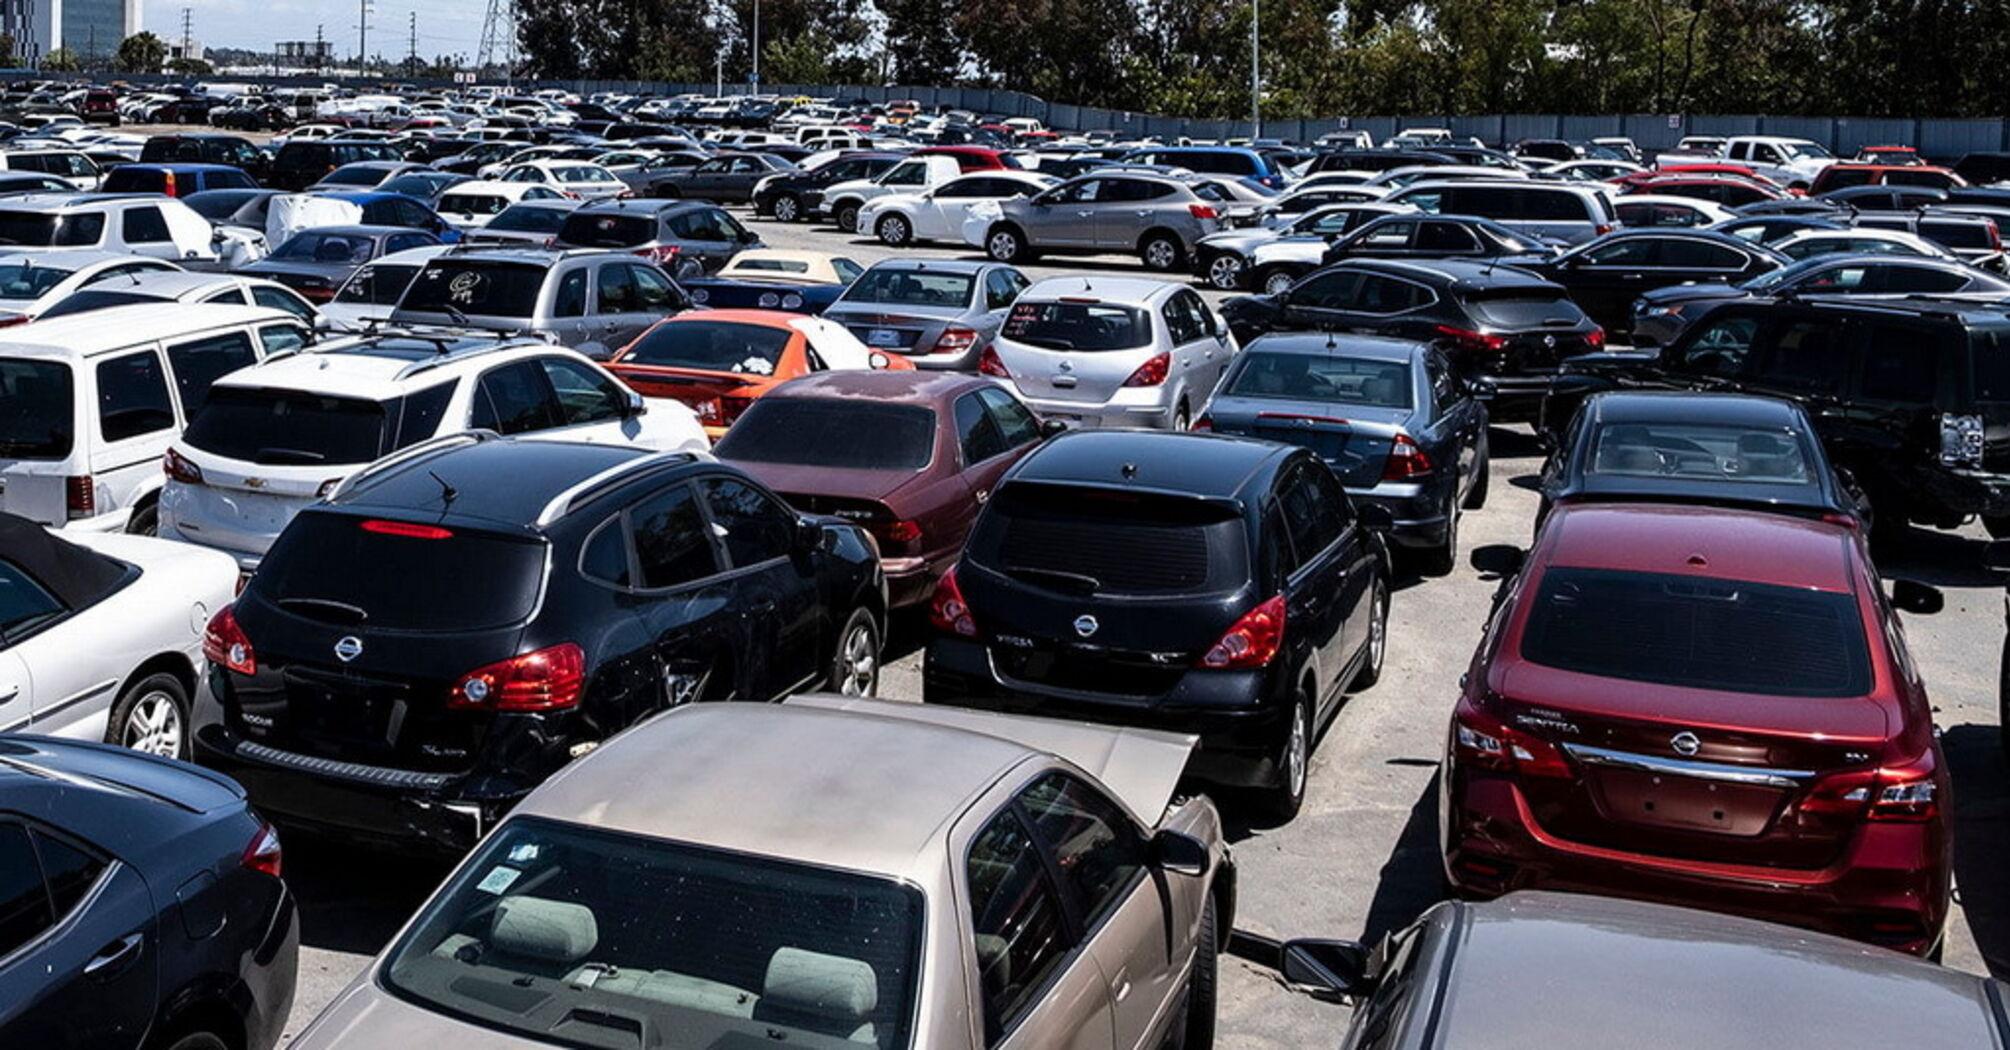 Первый штат США назвал дату окончательного запрета автомобилей с традиционными двигателями